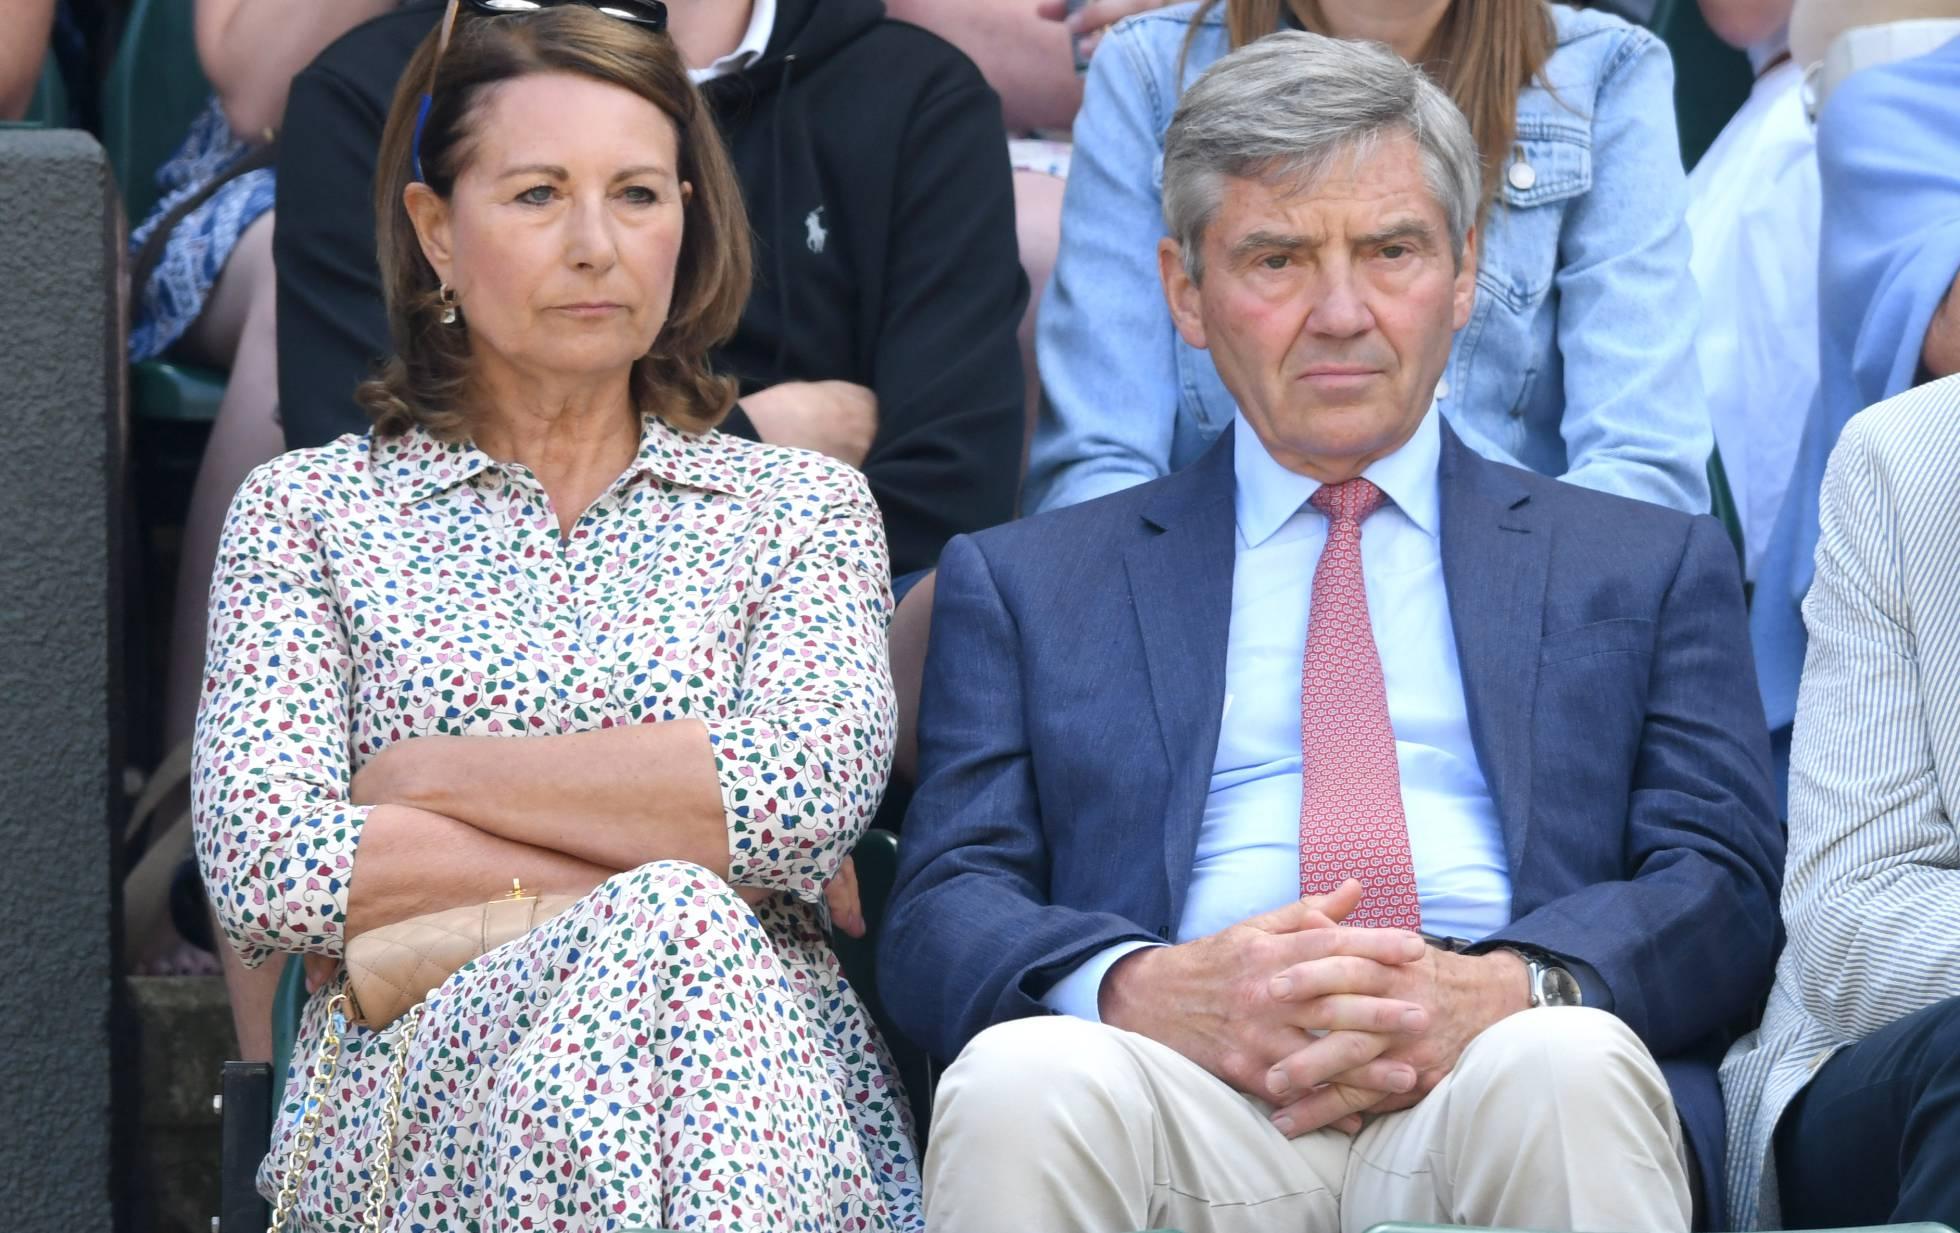 MADRE DE KATE MIDDLETON La suegra del príncipe Guillermo habla por primera vez de su vida en familia